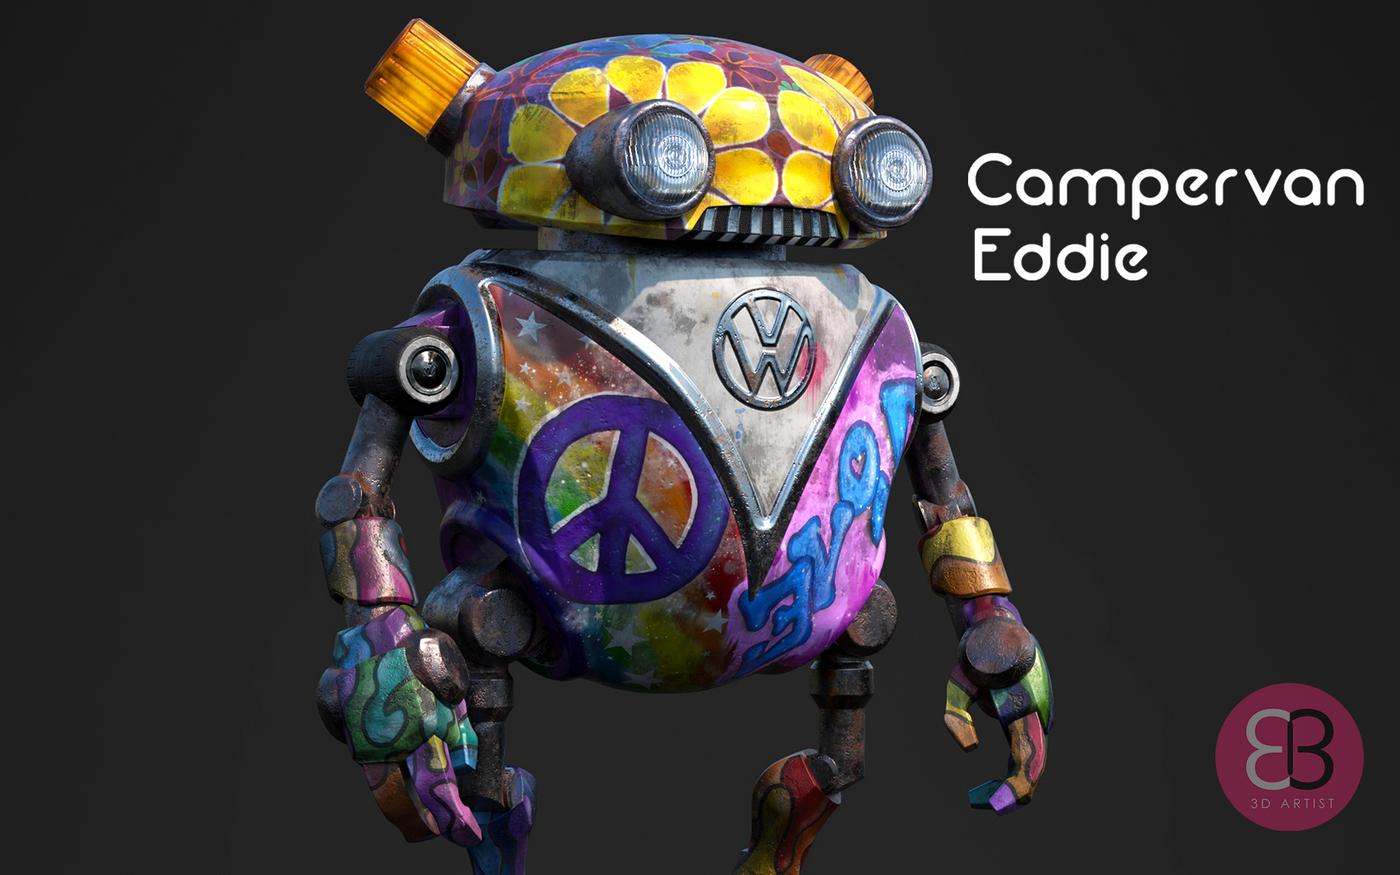 Campervan Eddie